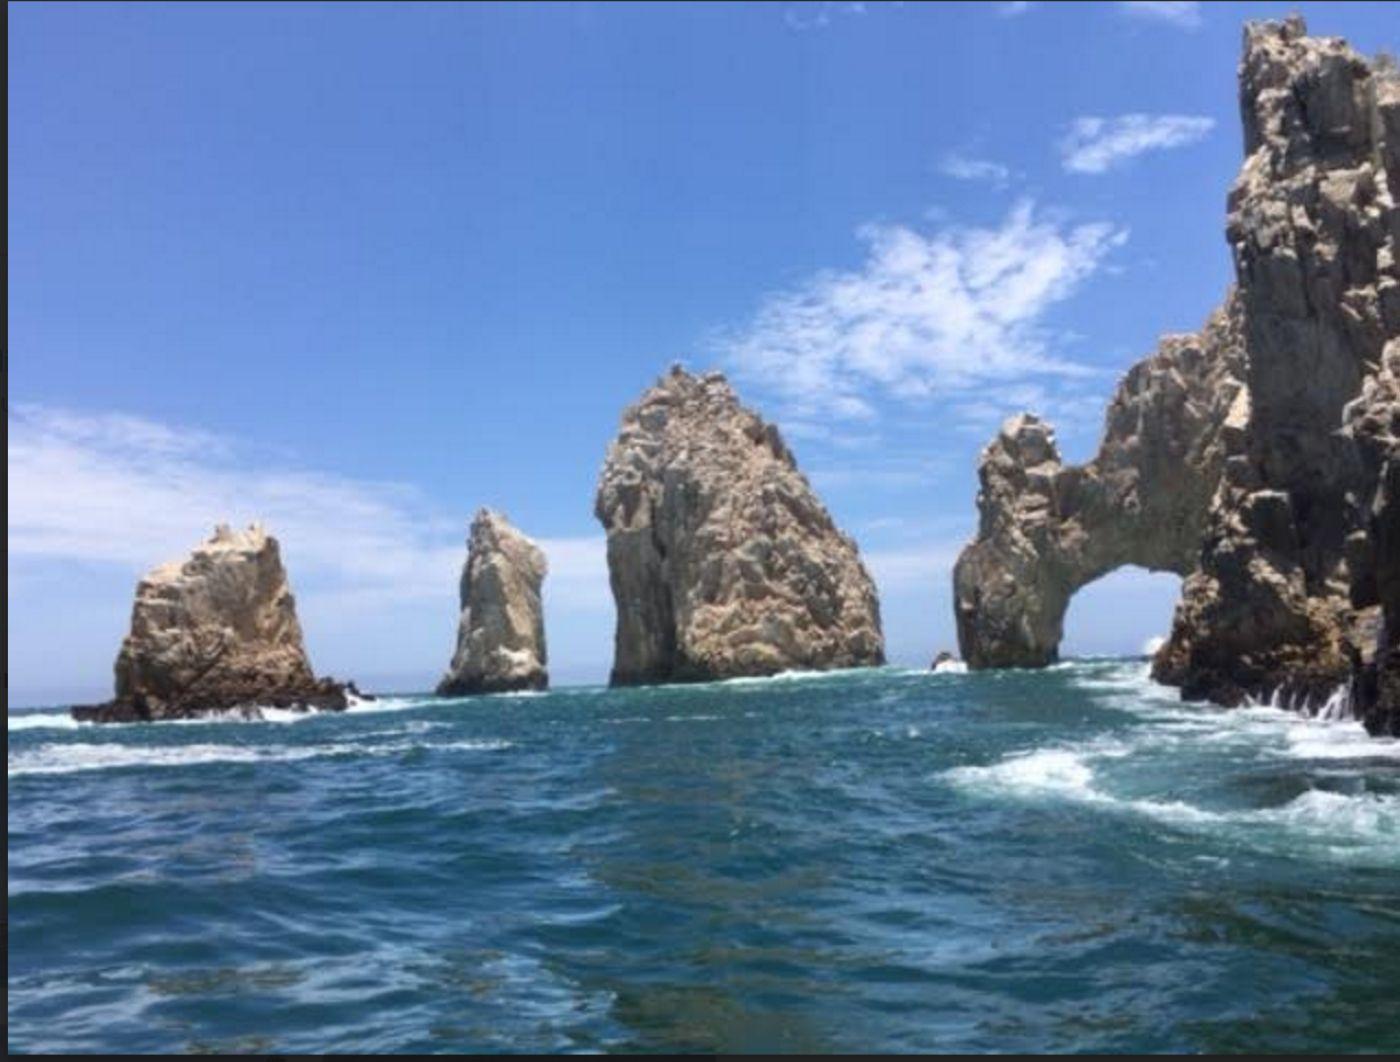 02-Ginas-vacation-spot.jpg